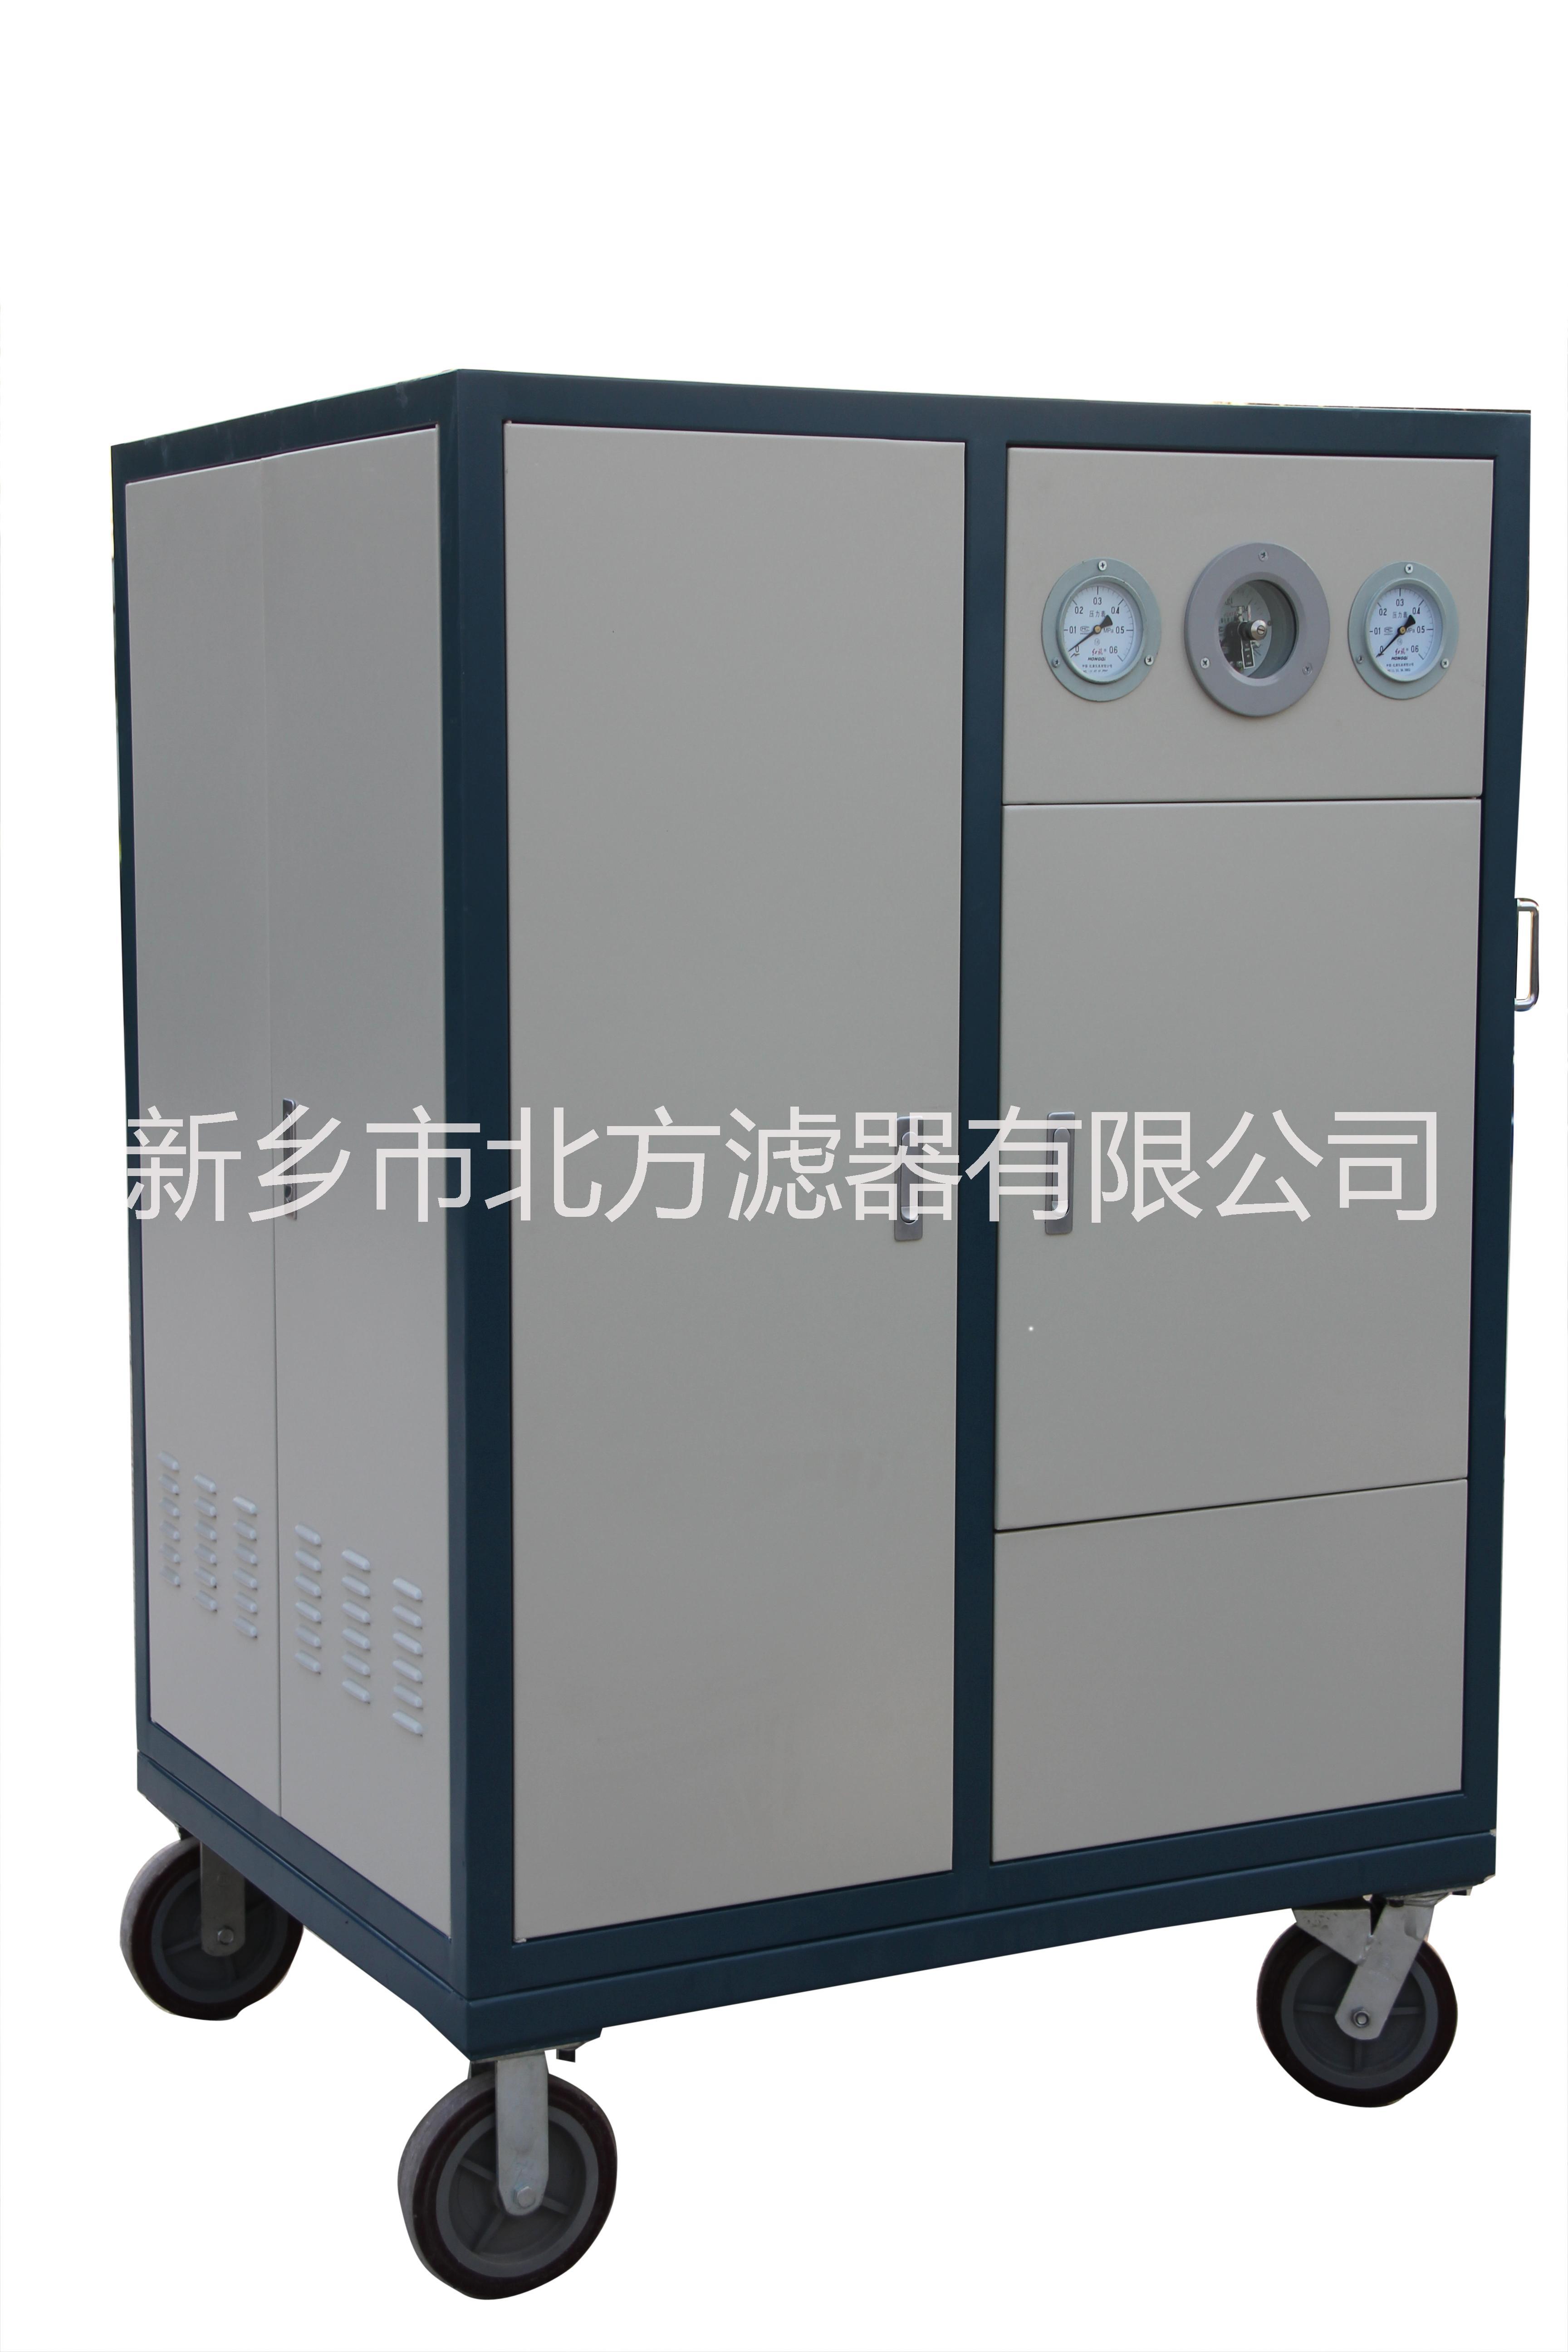 油分设备油水分离器含有污水处理